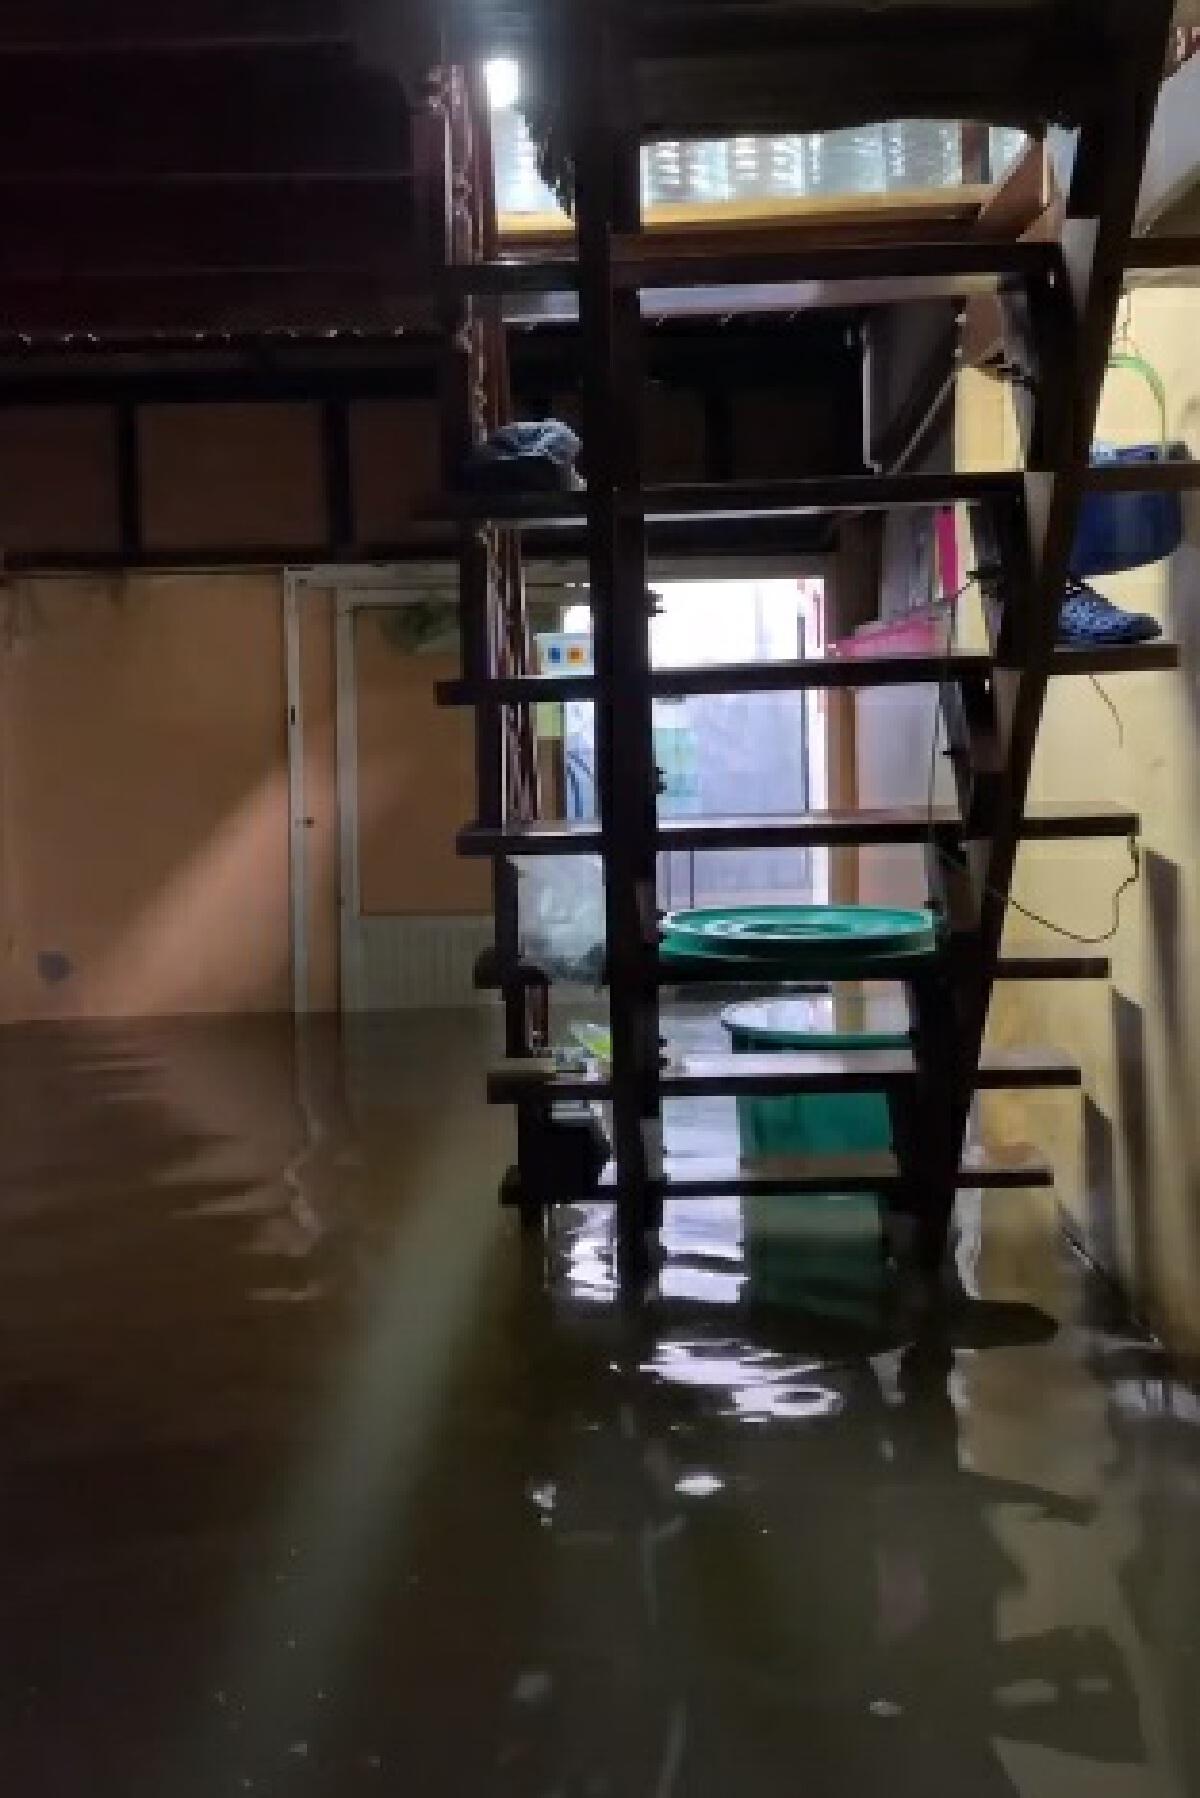 มิกค์ ทองระย้า เผยสภาพบ้านที่สระบุรี หลังน้ำลด ลั่นท่วมหนักสุดในรอบ 10 ปี